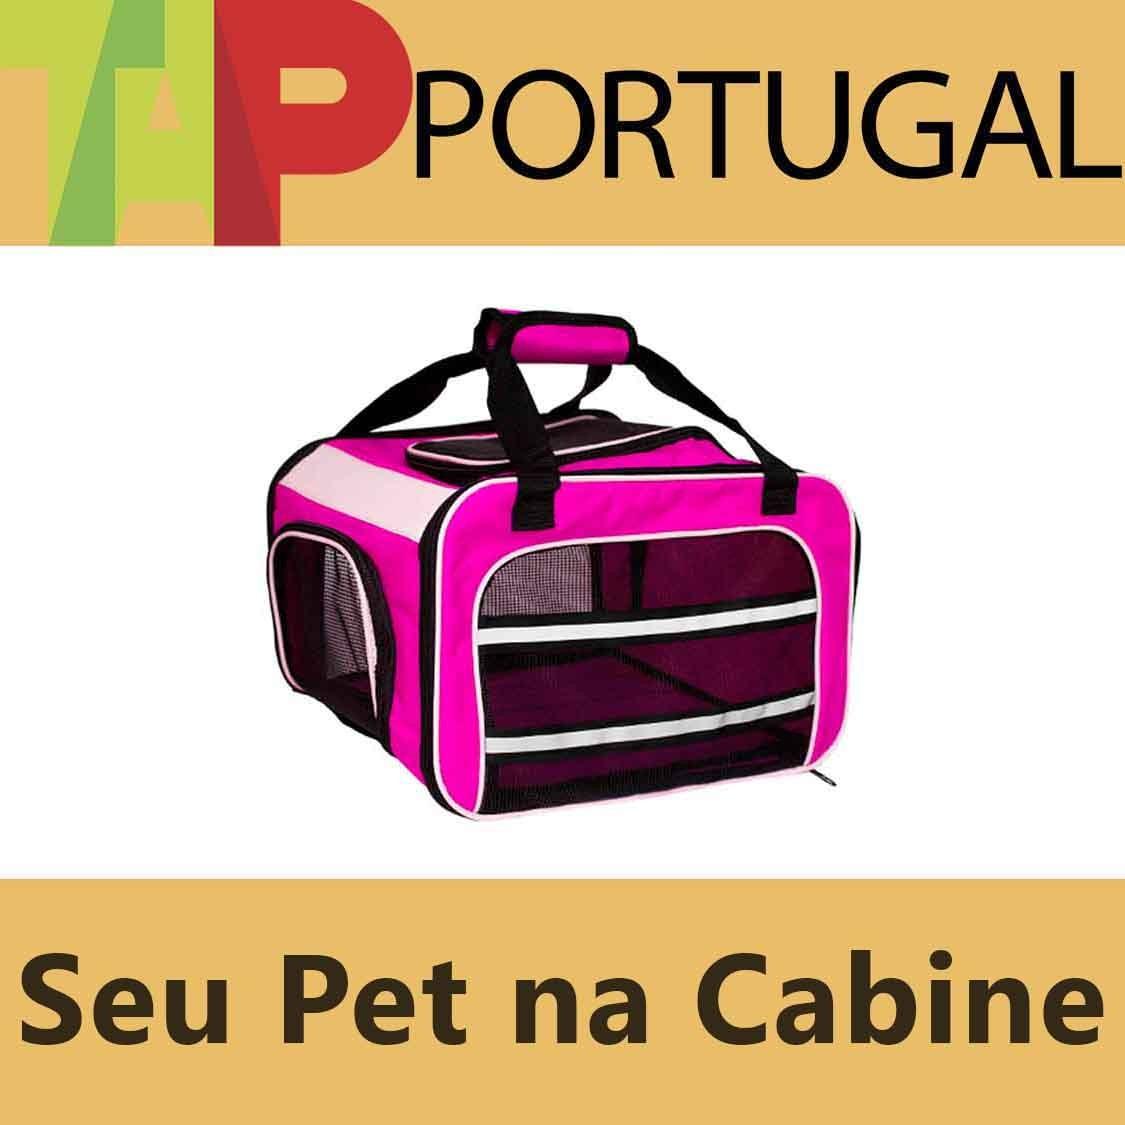 Bolsa para Transportar seu Pet na Cabine do Avião - Cia TAP Portugal  - Eleva Mundi - (Cor Rosa)